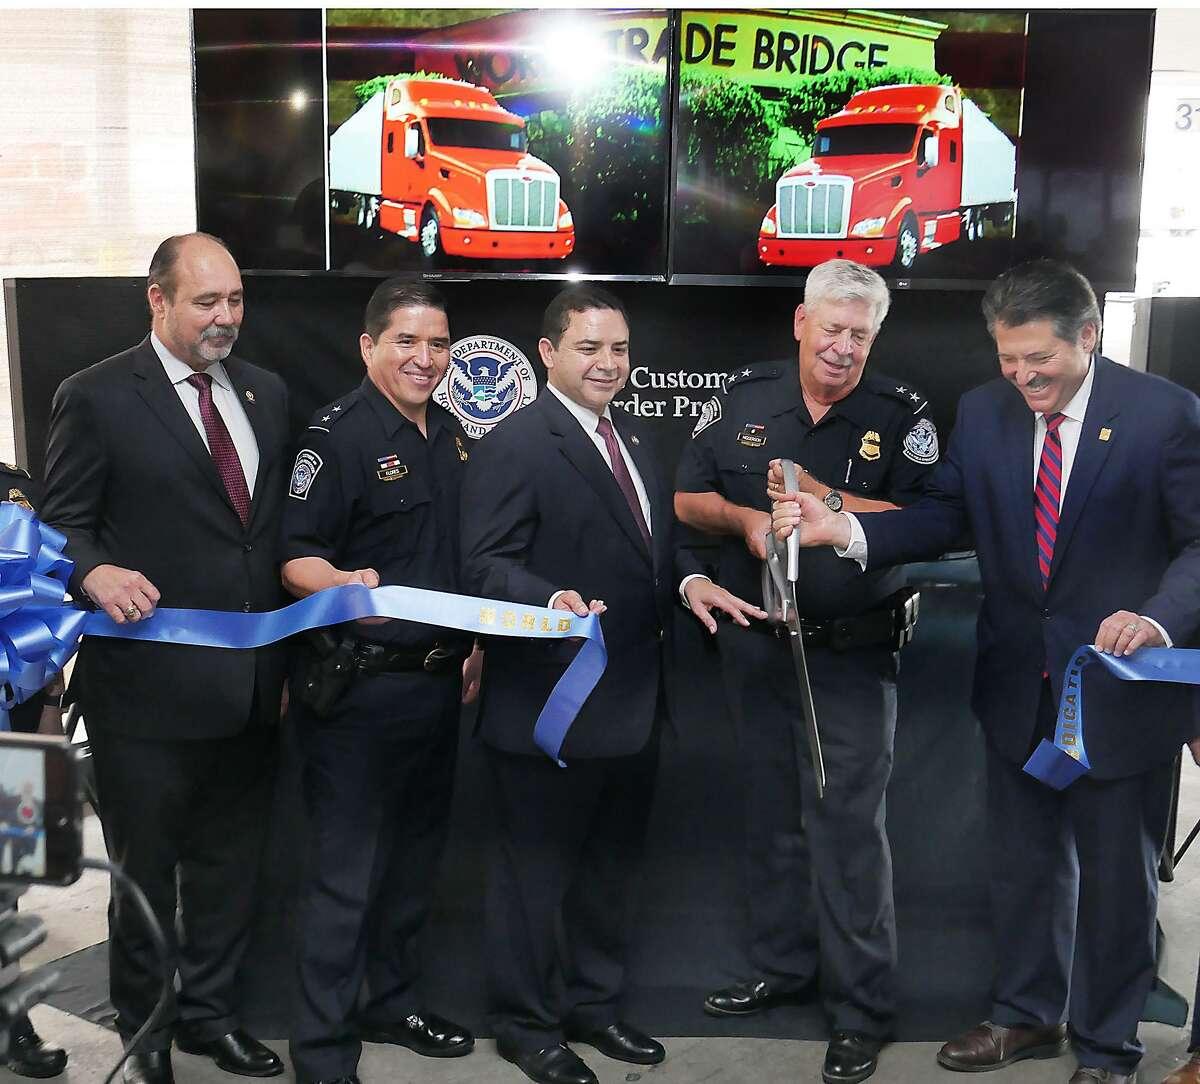 El martes 20 de febrero de 2018 se congregó a funcionarios de Laredo, Nuevo Laredo y del sector privado para conmemorar oficialmente la conclusión de las obras de reconstrucción del Puente del Comercio Mundial.